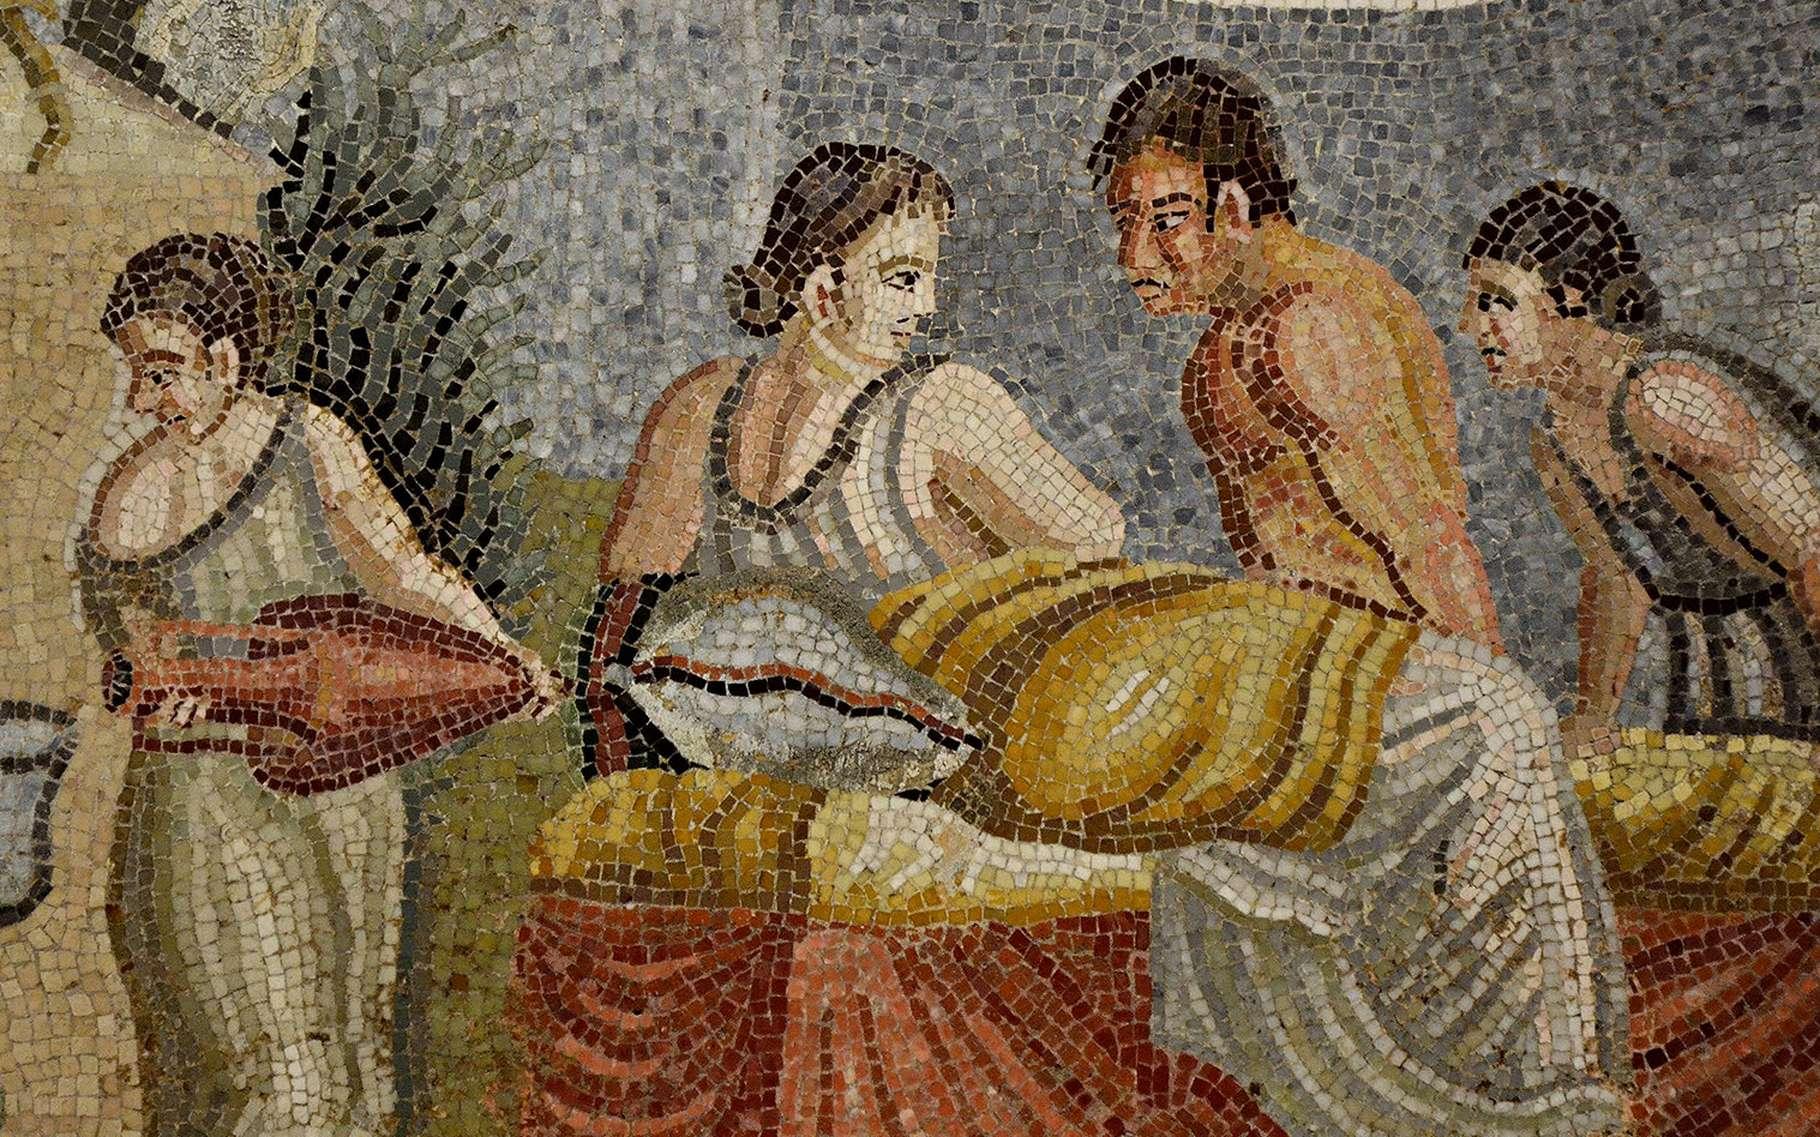 Mosaïque représentant une scène intime entre une jeune femme et un homme au torse nu, 2e siècle après J.-C. © Carole Raddato, Wikimedia Commons, CC by-sa 2.0